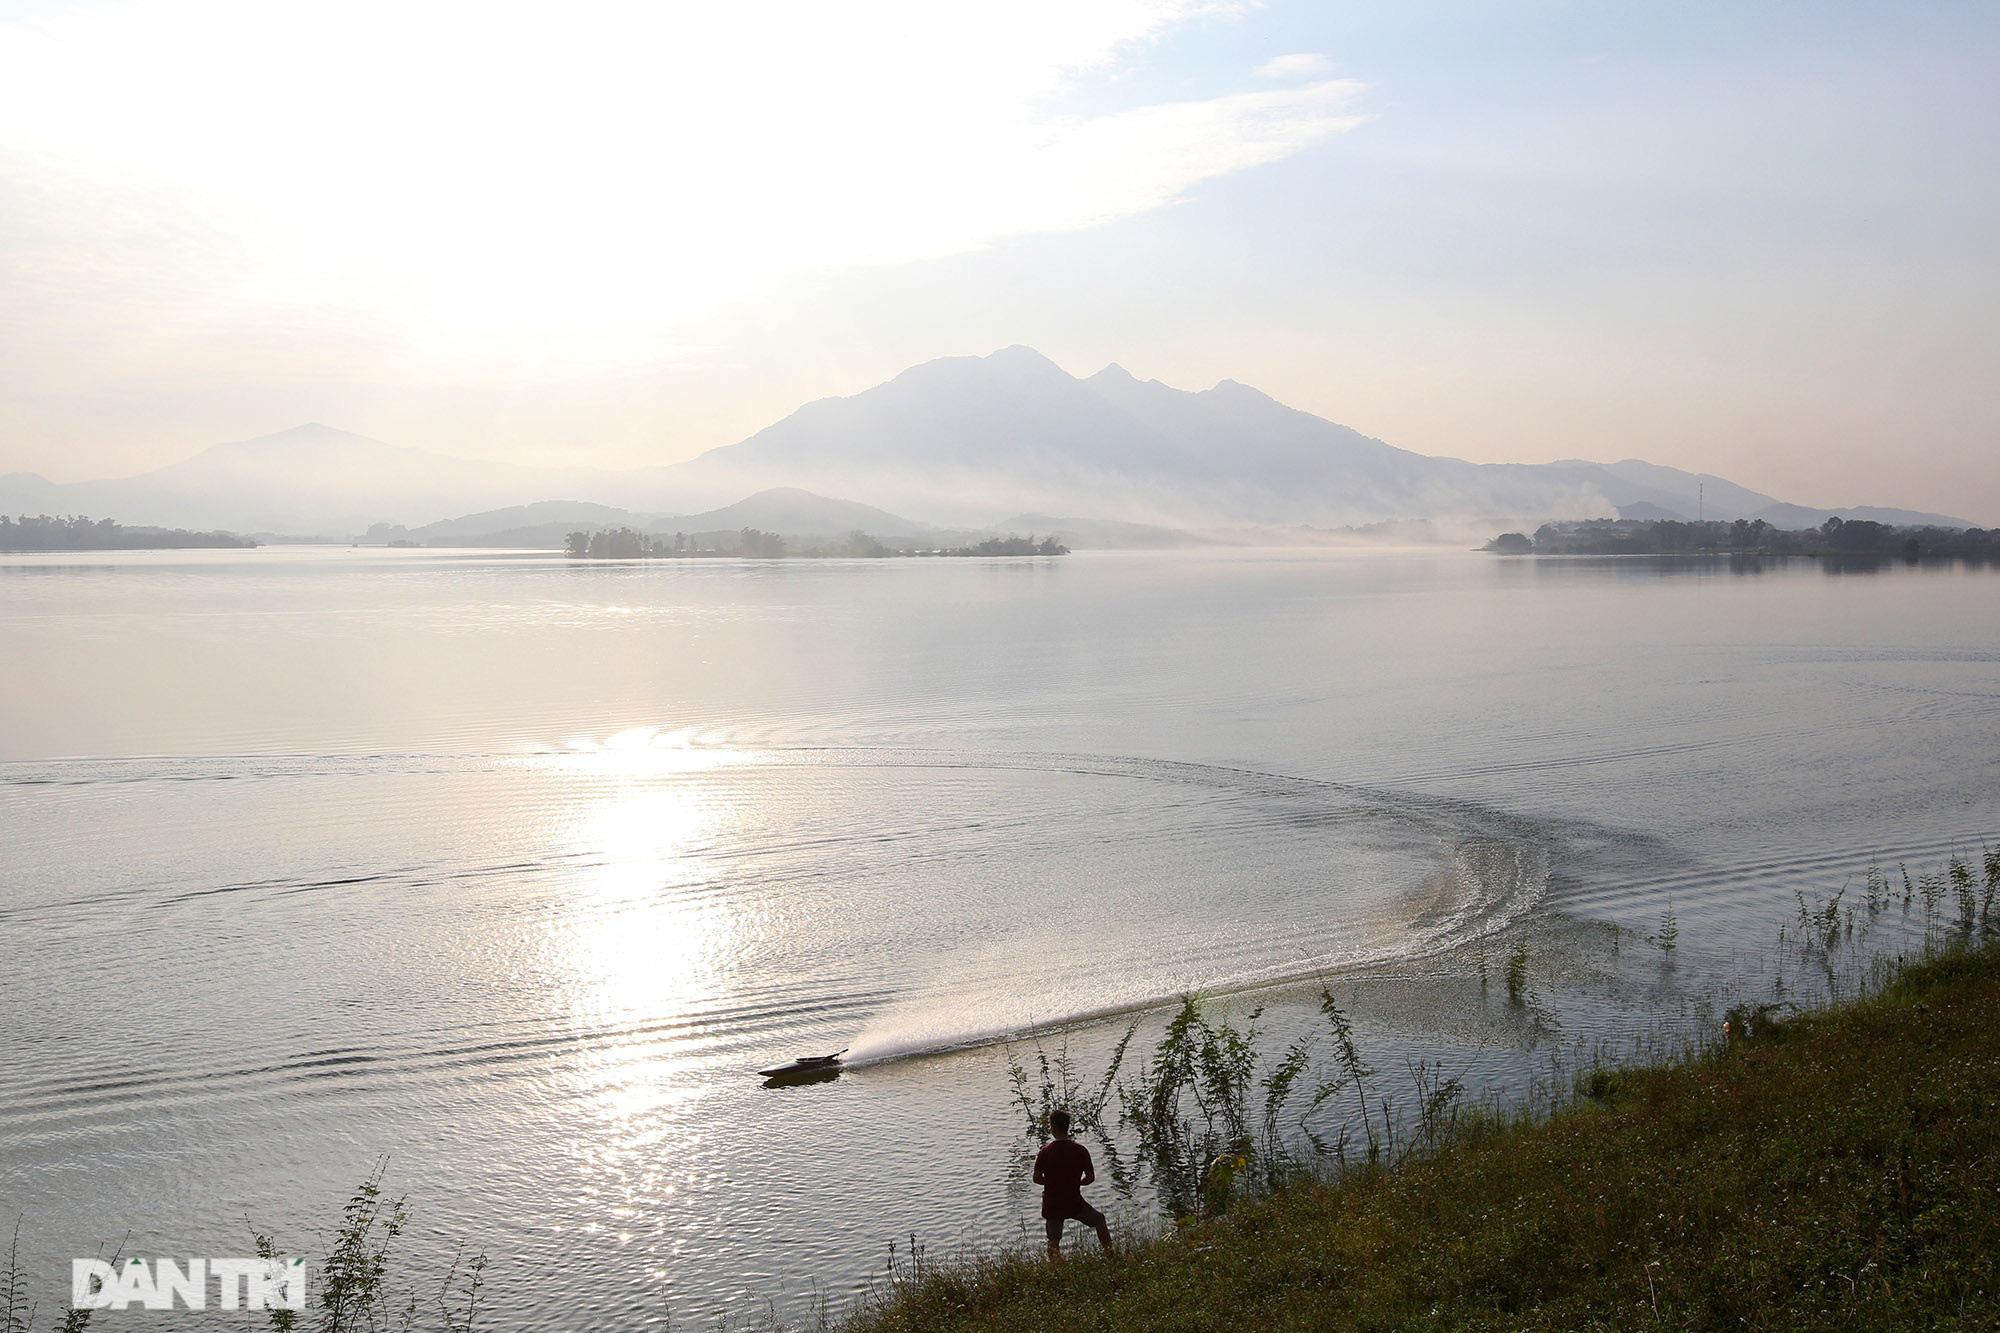 Núi thiêng gần Hà Nội đẹp mê mải nhìn từ muôn phương tám hướng - Ảnh 4.